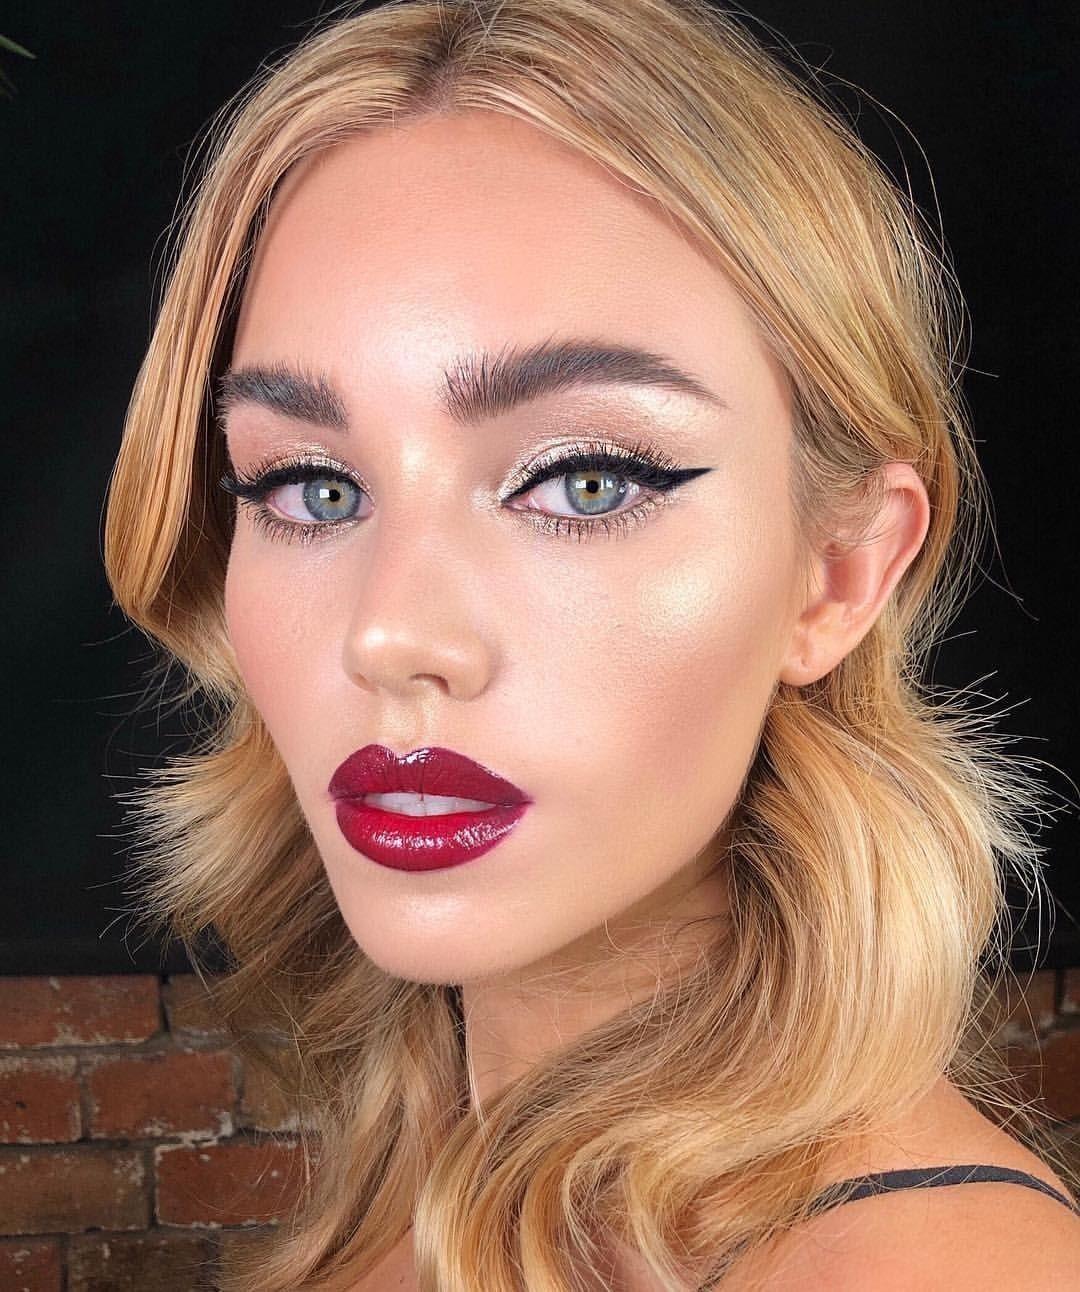 Pin on bold makeup